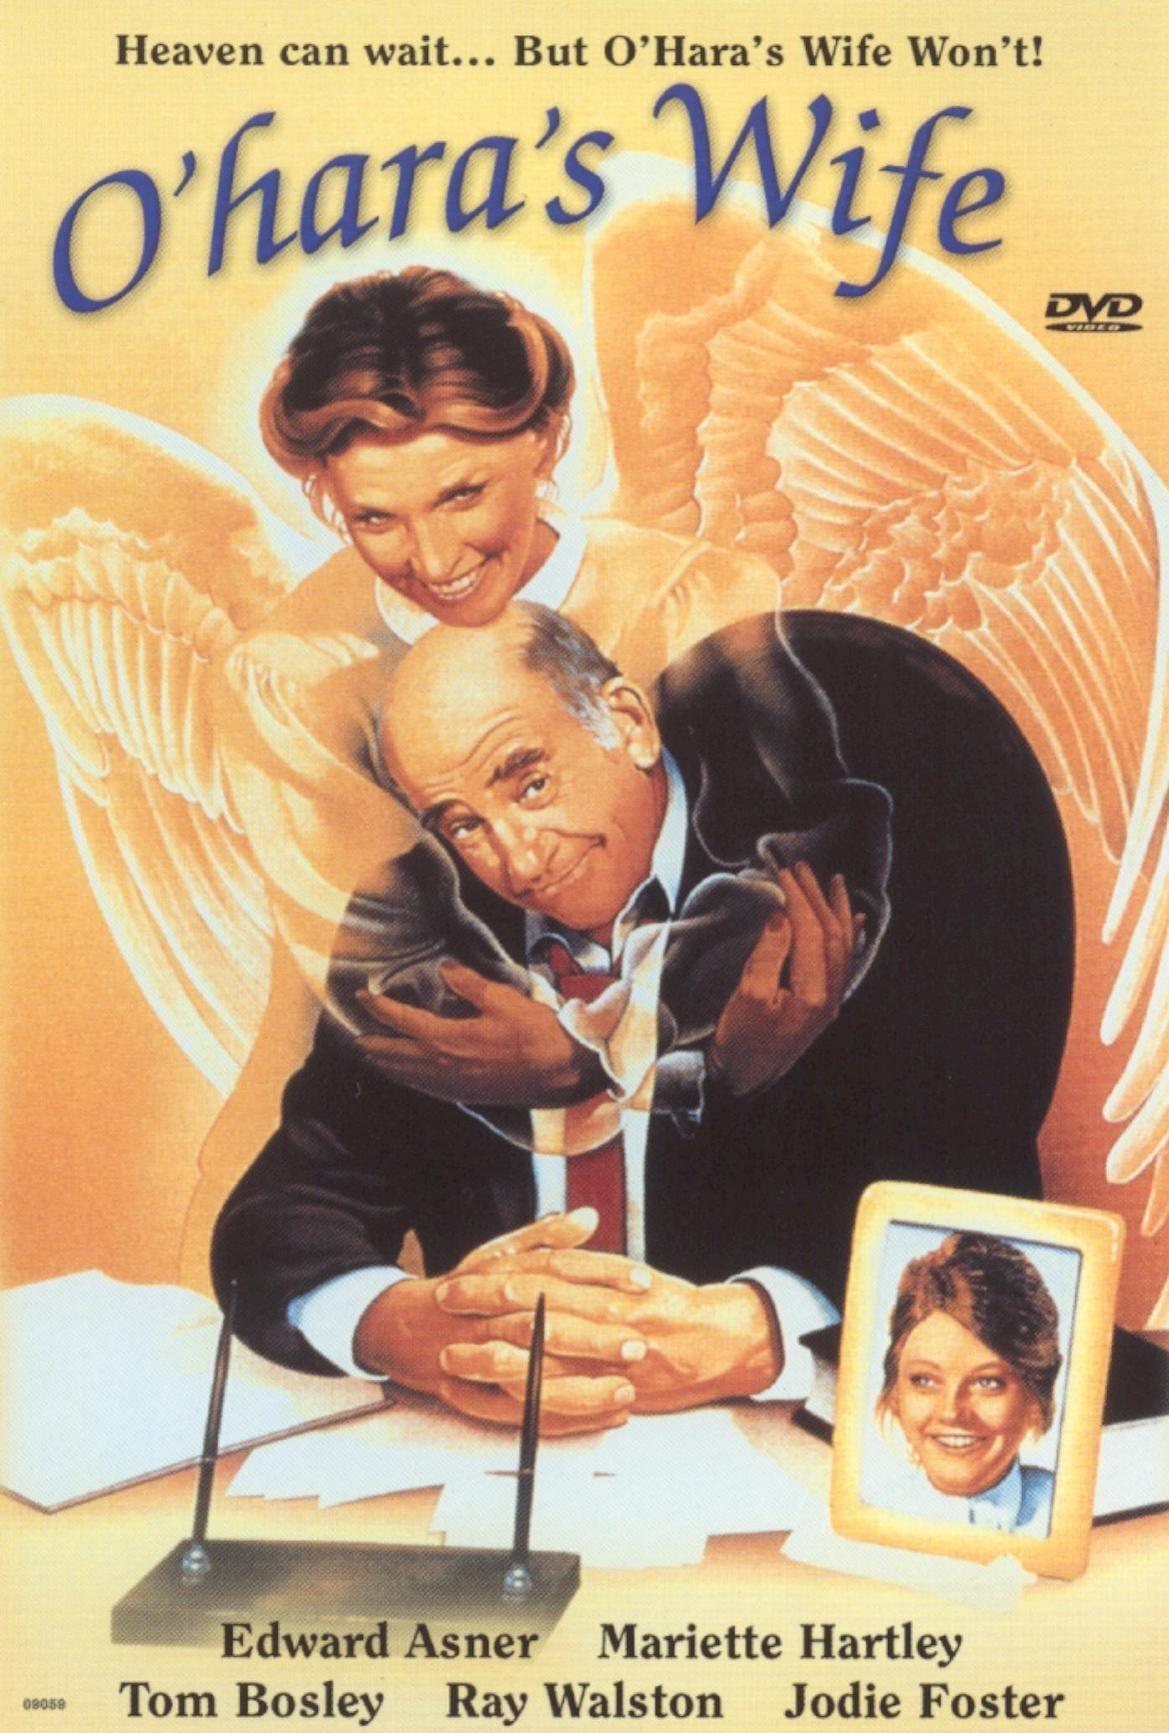 O'Hara's Wife